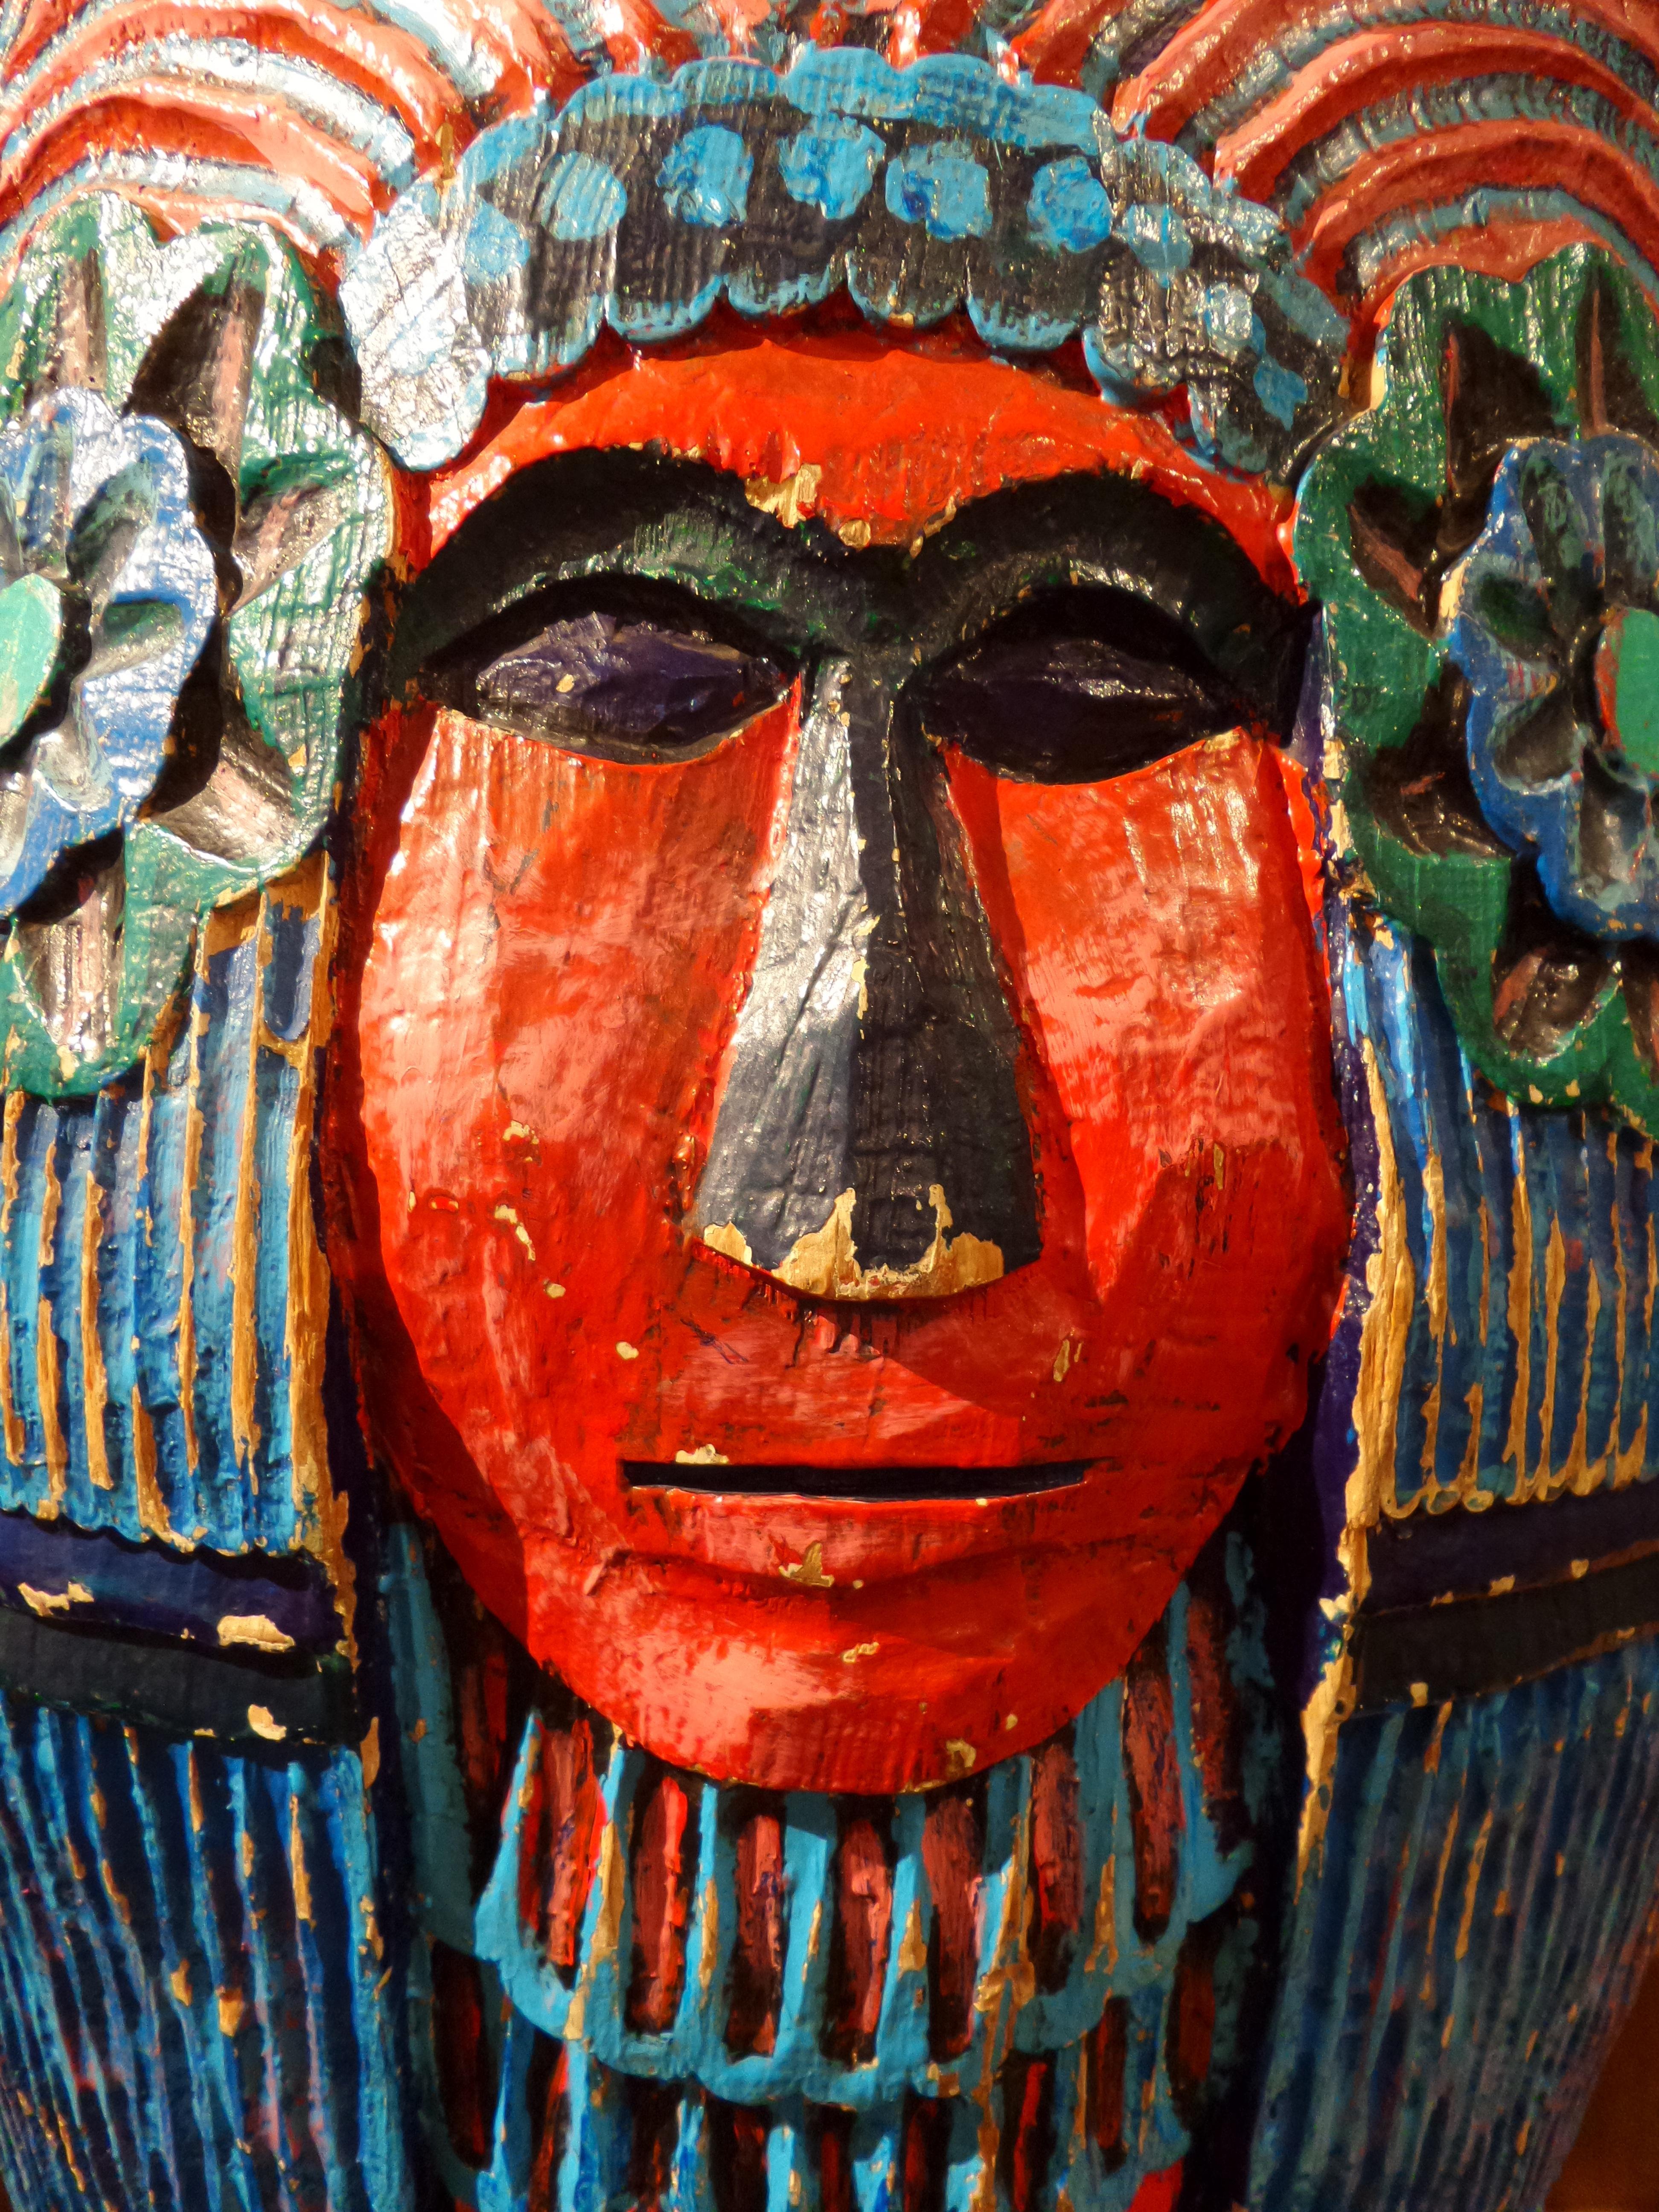 Fotoğraf Kırmızı Renk Giyim Renkli Boyama Maske Meksika